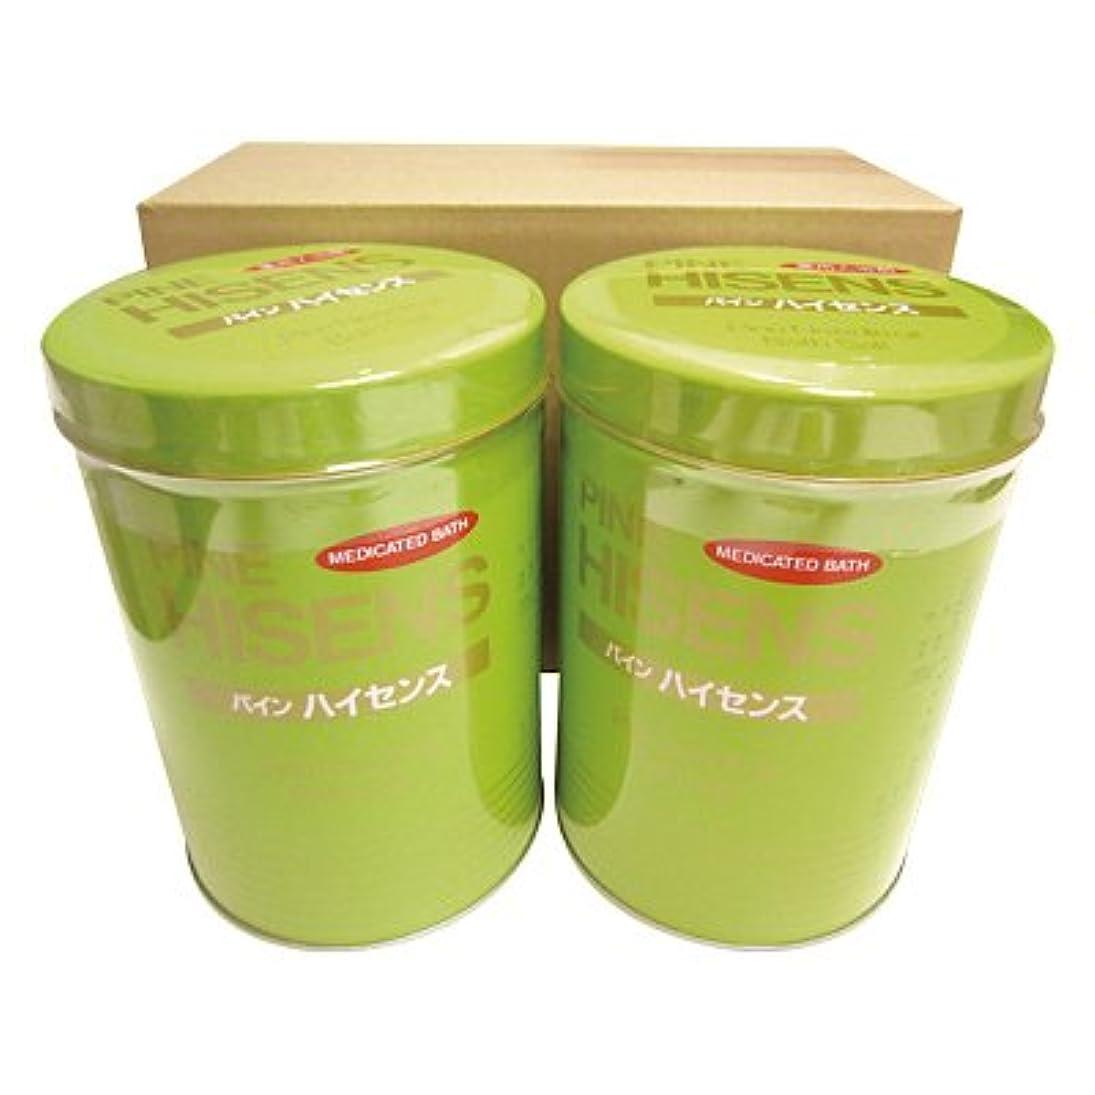 お香弾丸豊かにする高陽社 薬用入浴剤 パインハイセンス 2.1kg 2缶セット